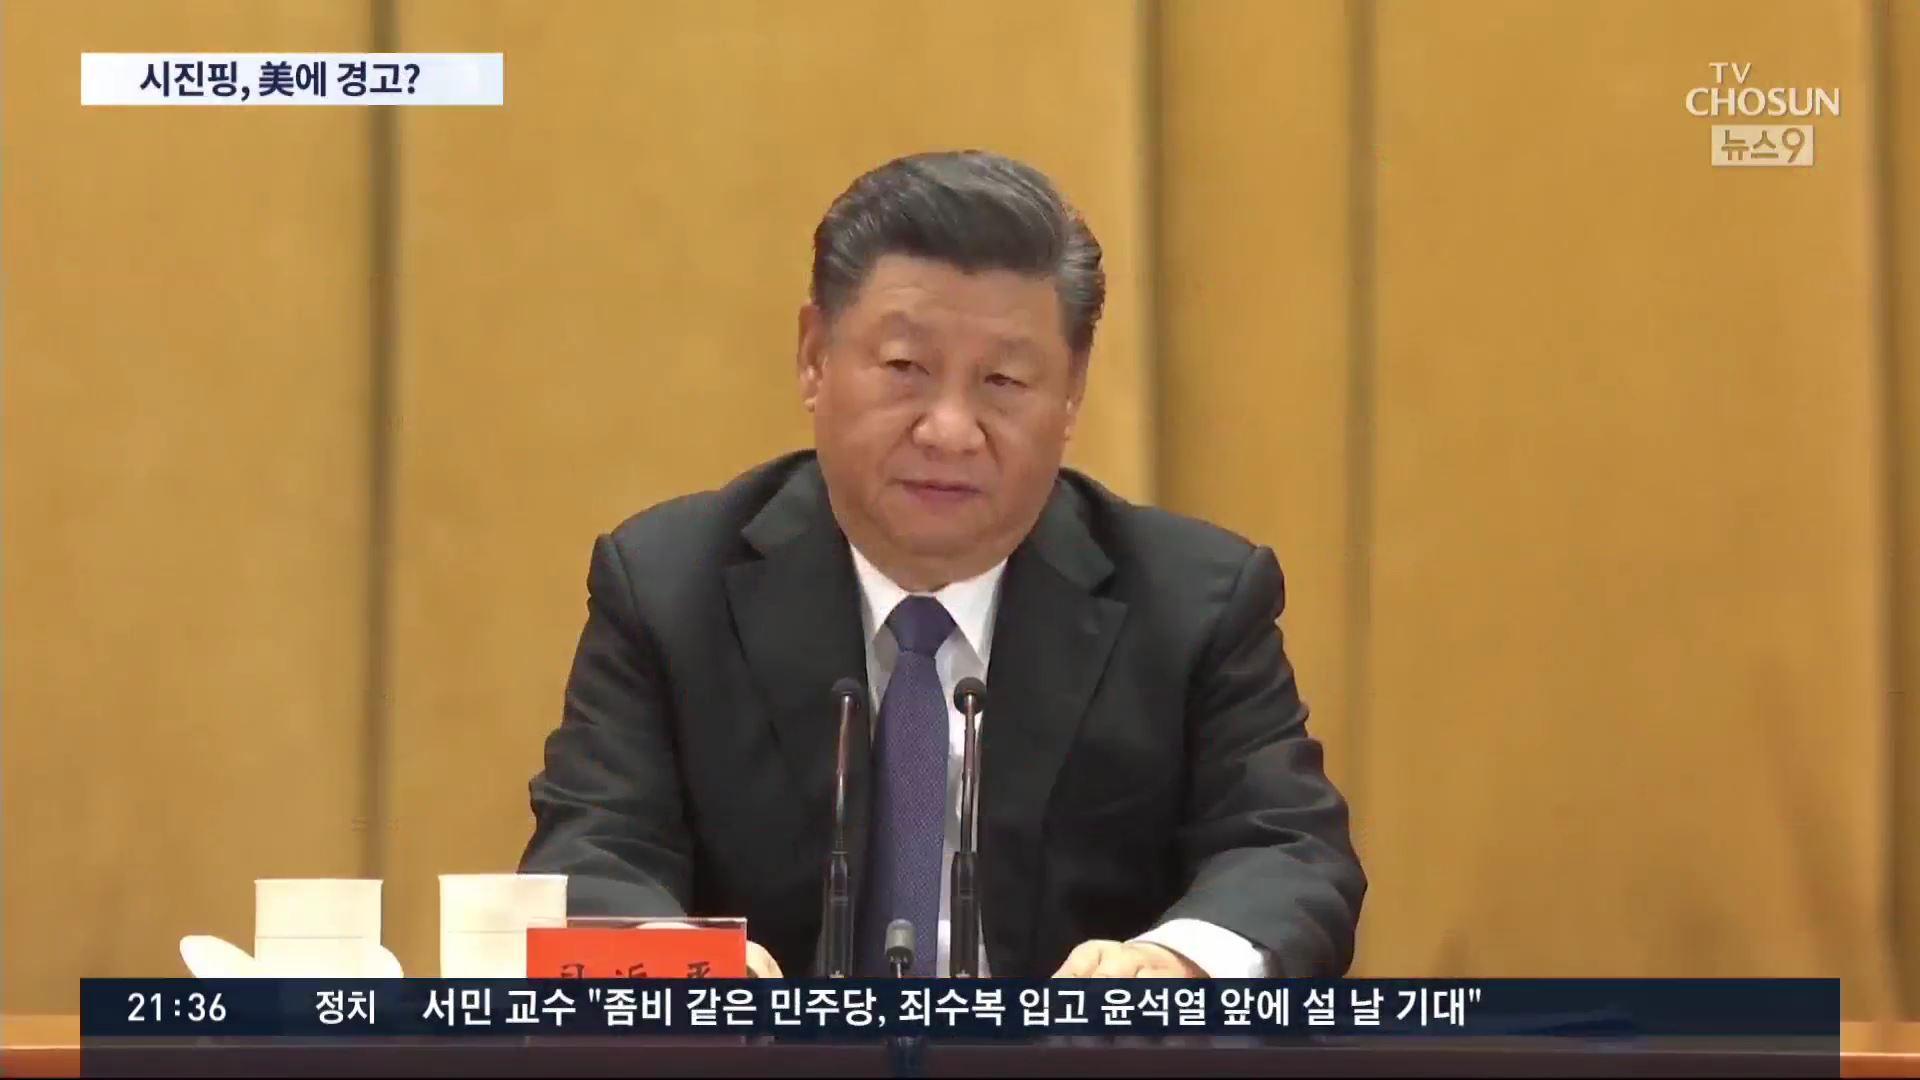 시진핑 '한국전쟁은 美의 침략…죽음의 길로 이어질 것'